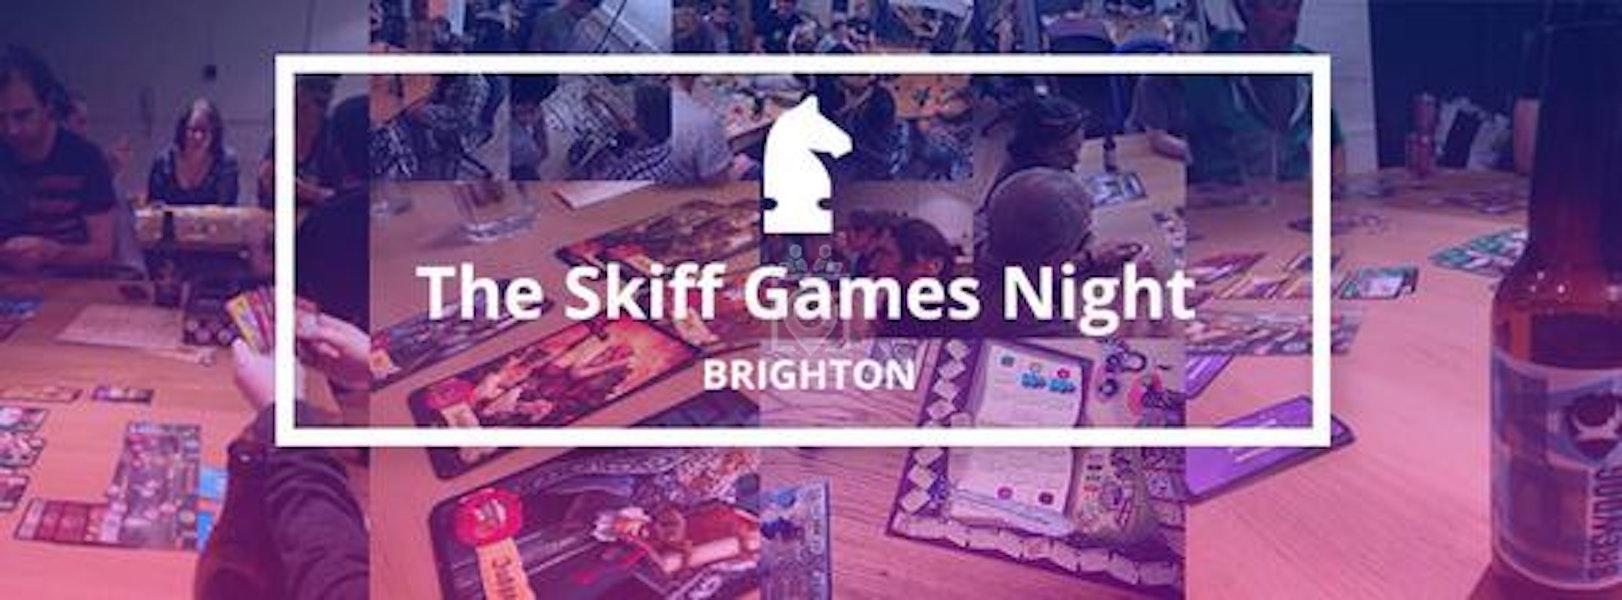 The Skiff, Brighton